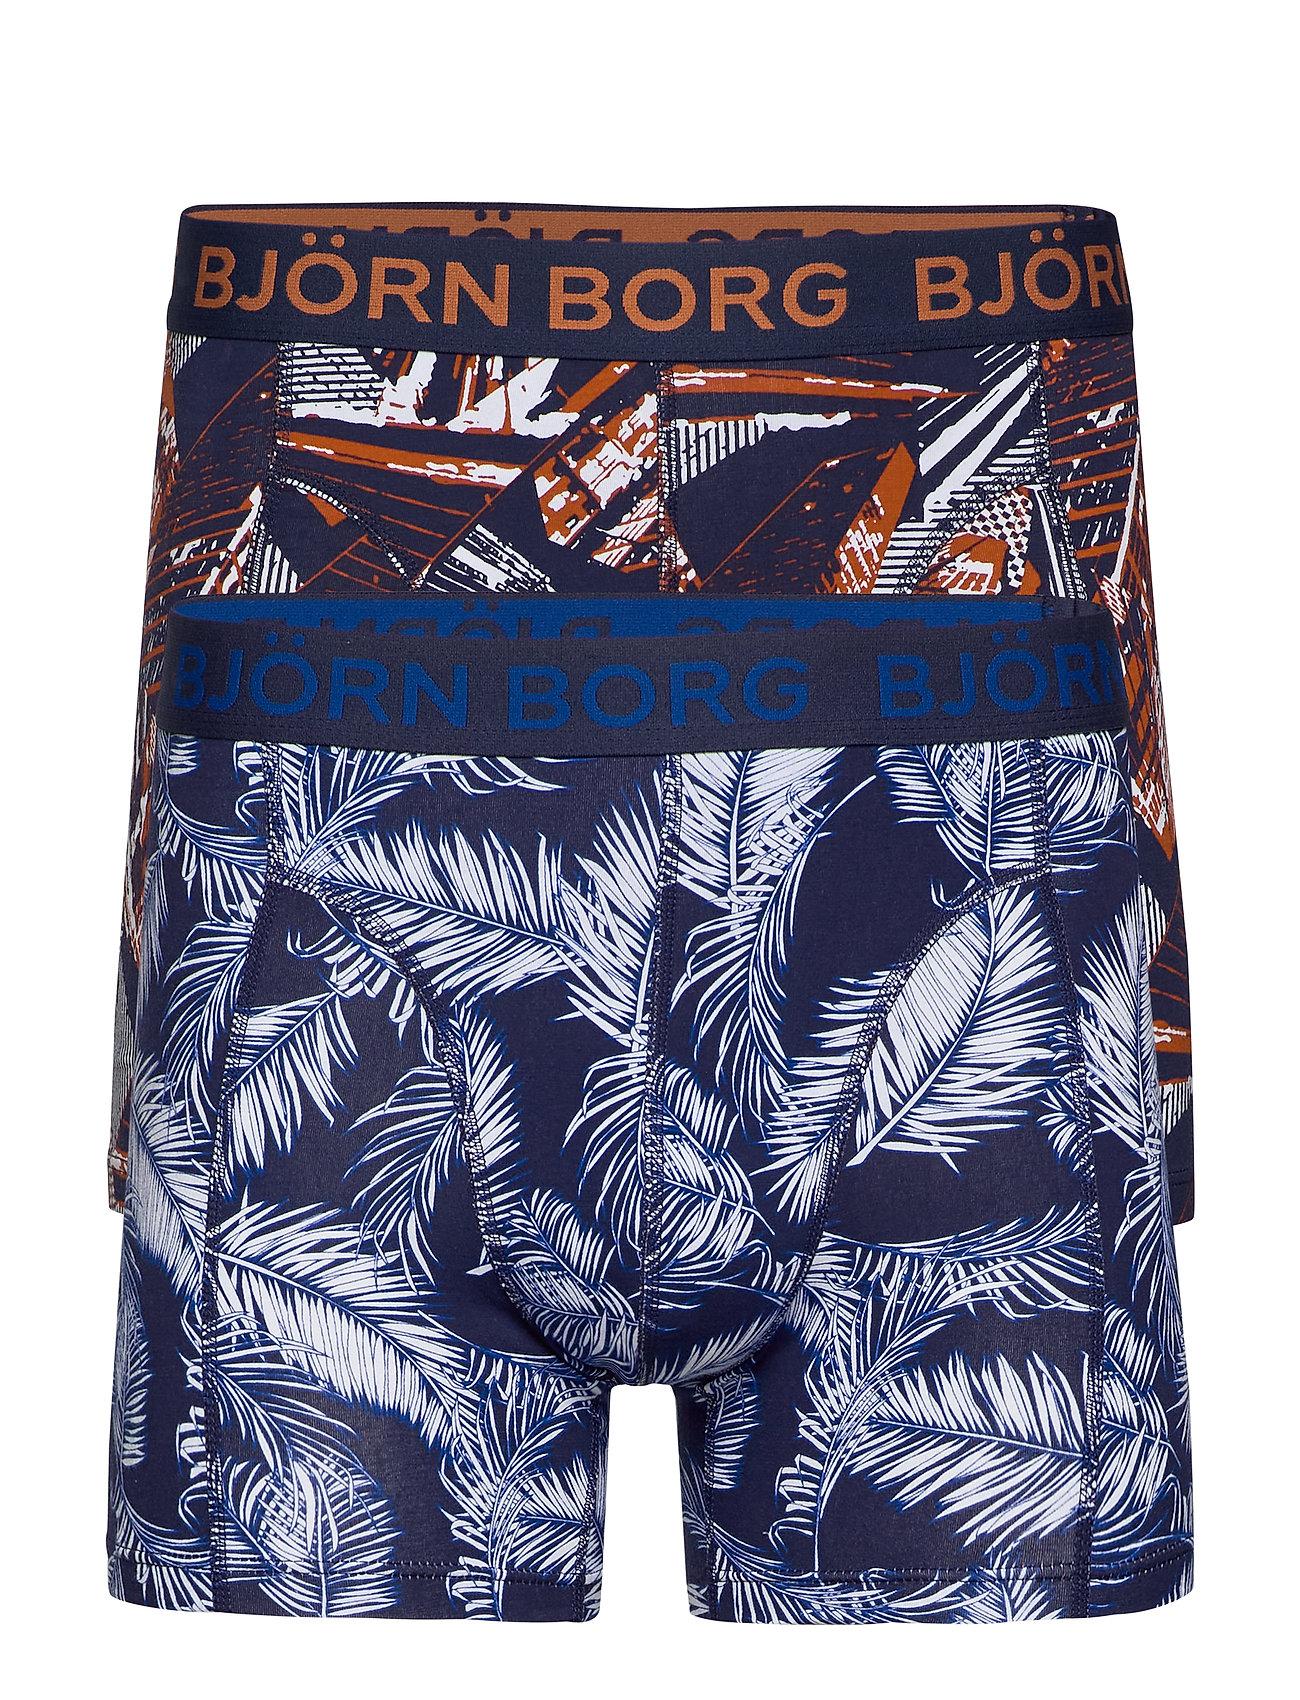 Björn Borg SHORTS BB PALMLEAF & BB LA SKYSKRAPER 2p - PEACOAT